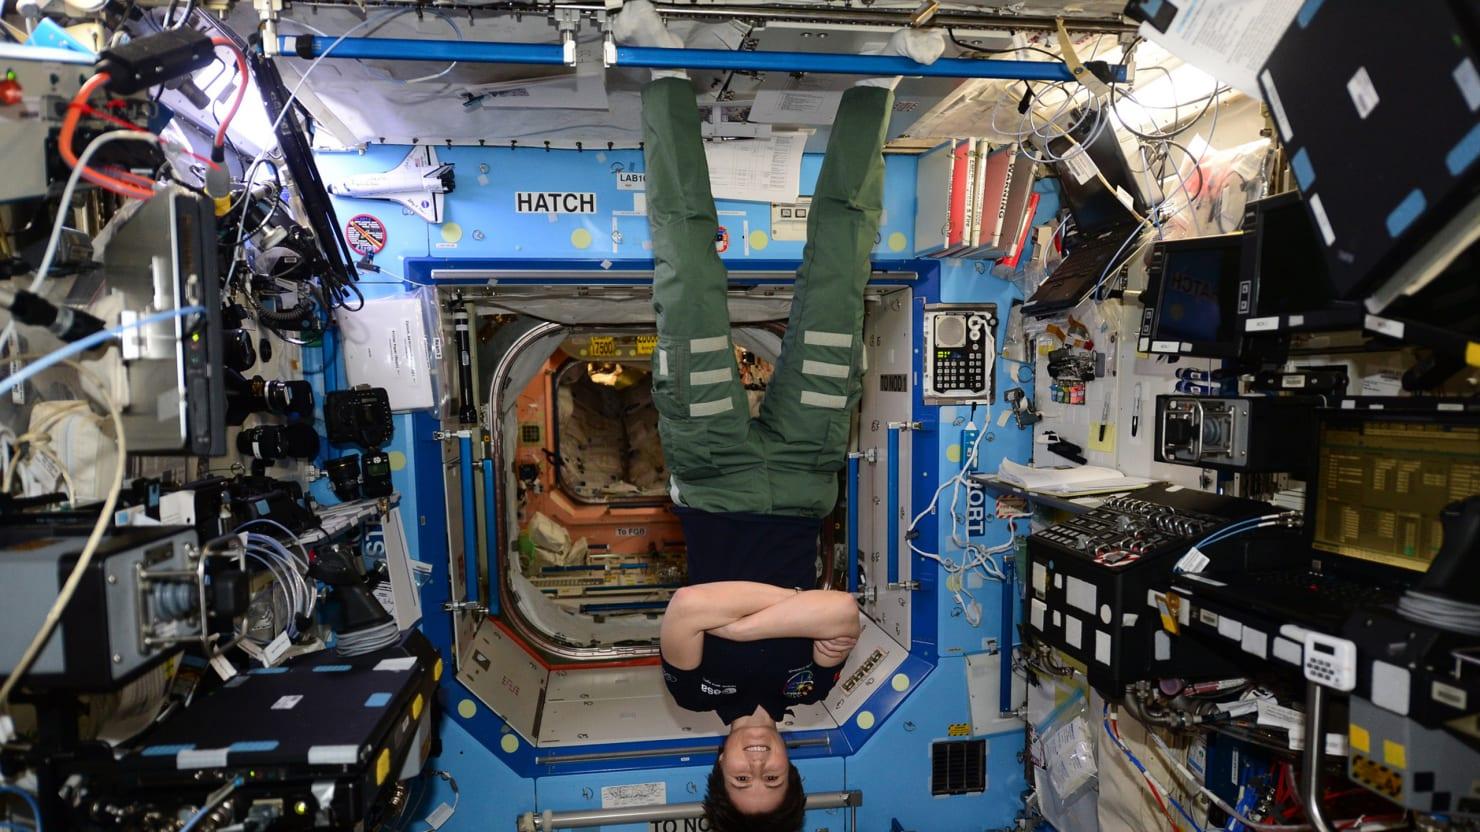 Sandra Bullock's Got Nothing on Italy's Hottest Astronaut